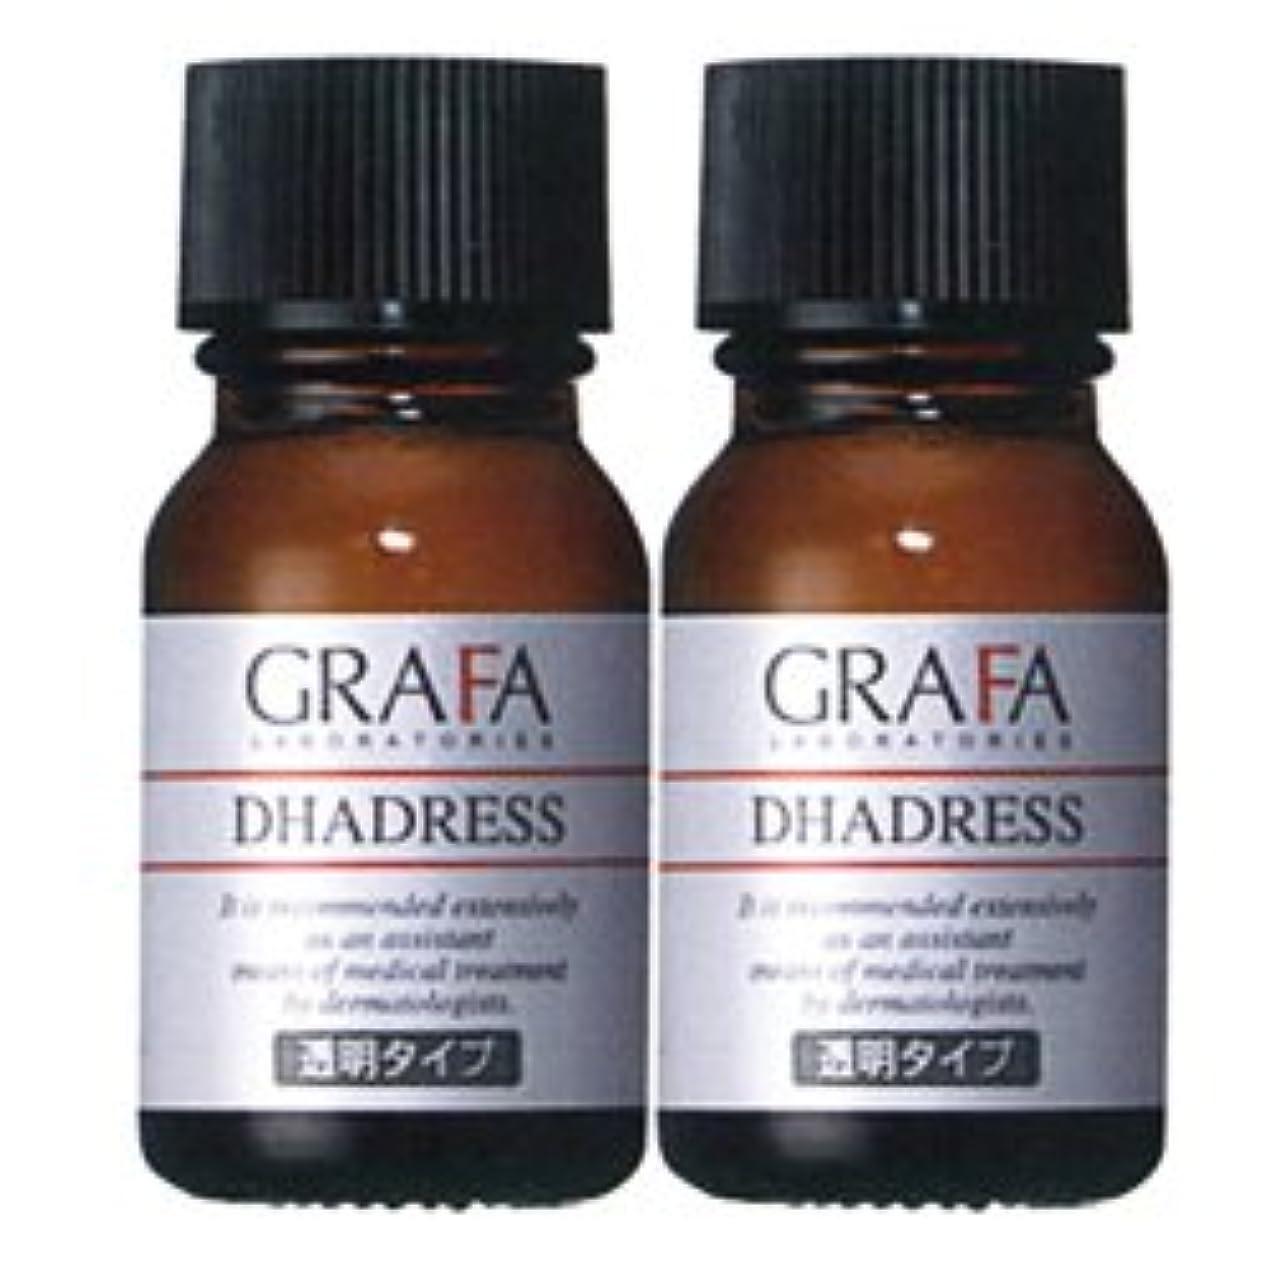 新年弁護人宿題グラファ ダドレス (透明タイプ) 11mL 着色用化粧水 GRAFA DHADRESS